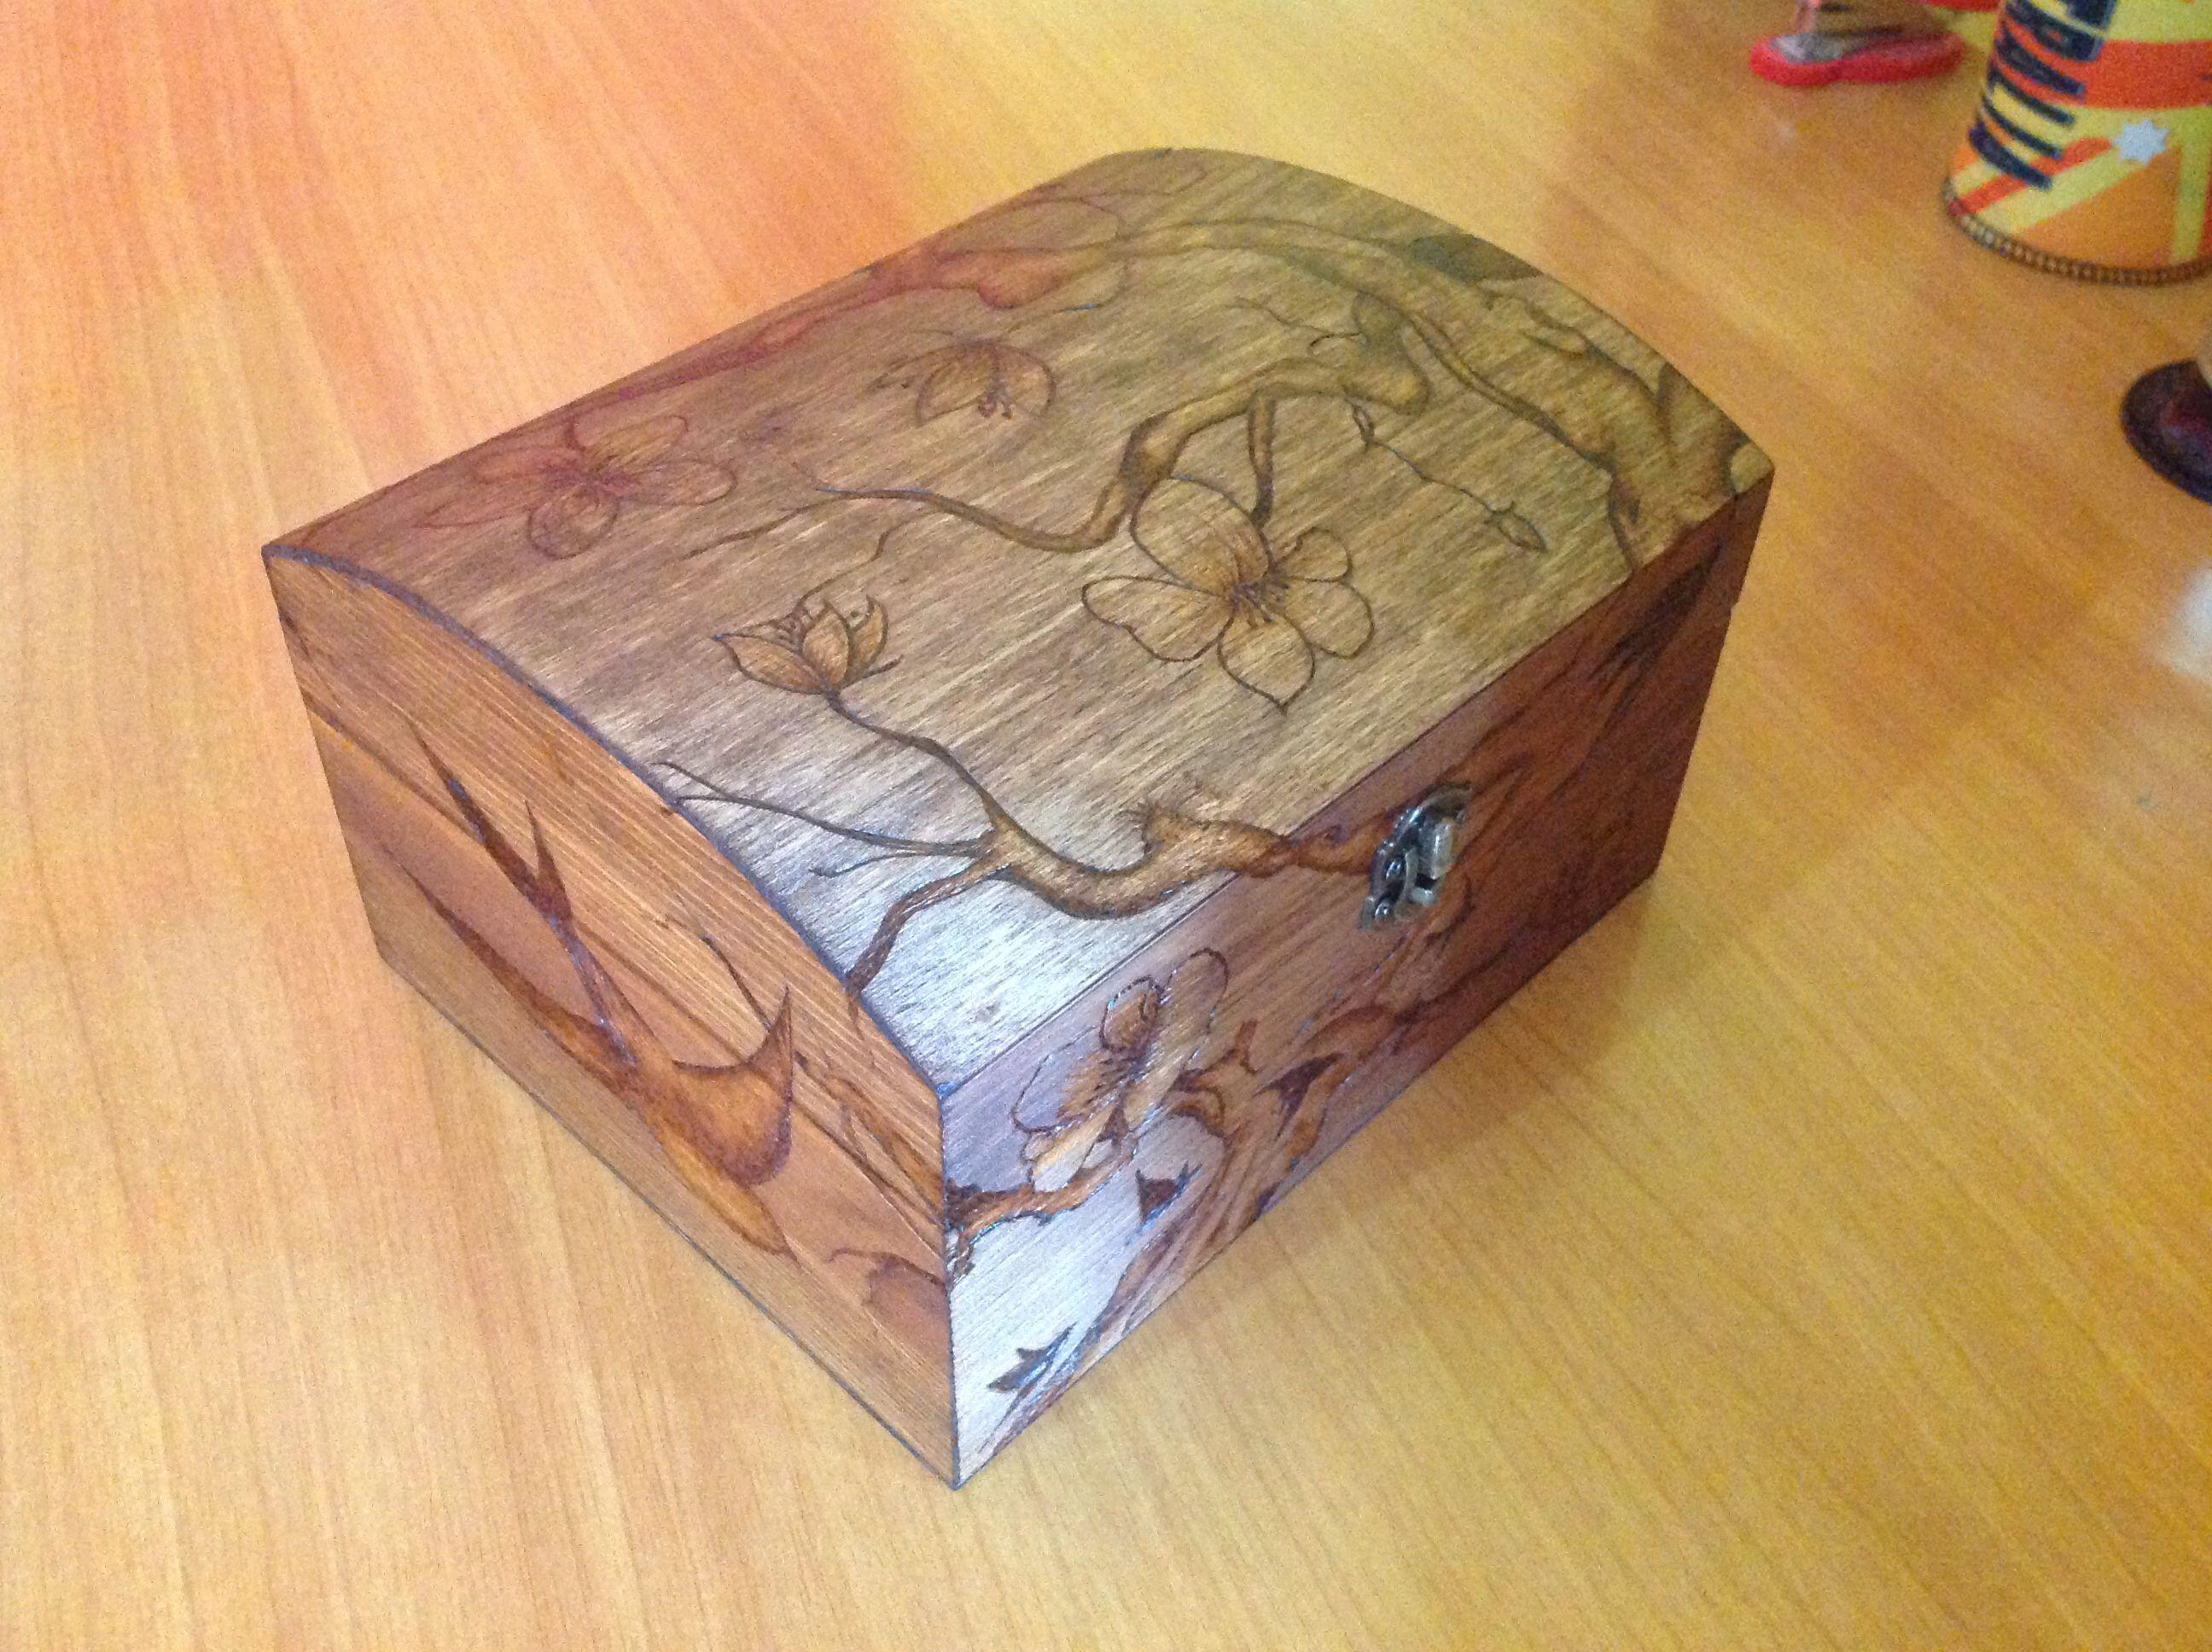 scatola di legno decorata con un saldatore.